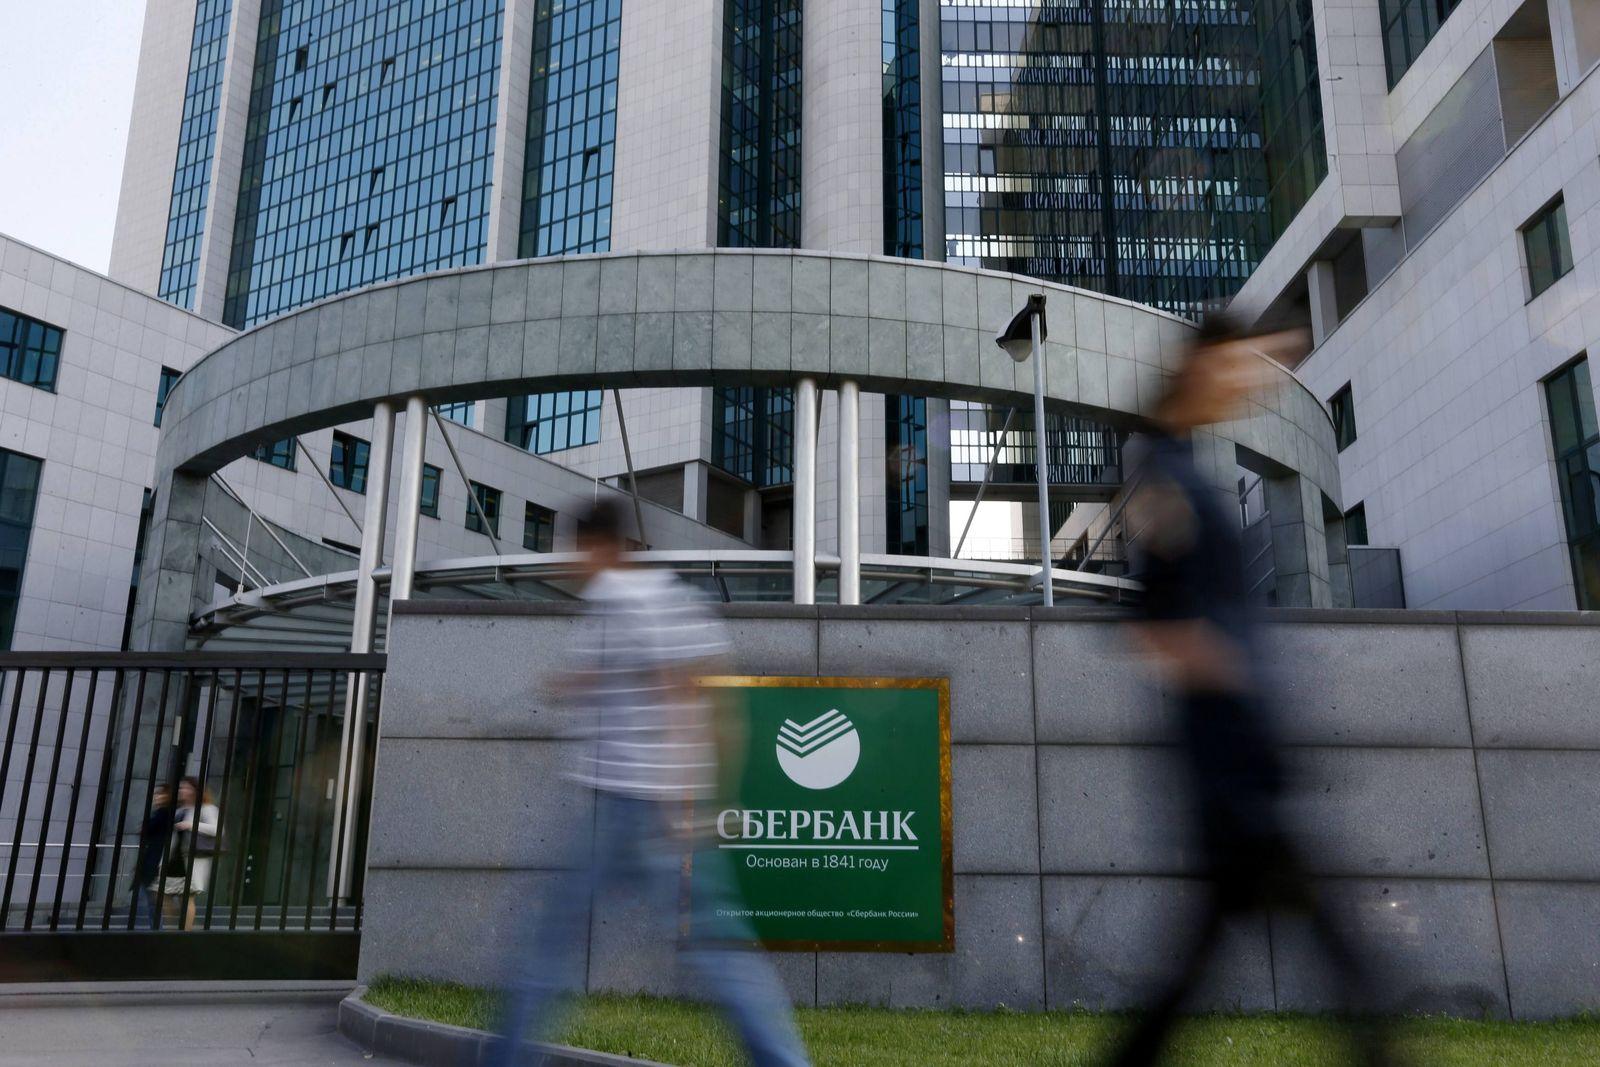 Sberbank / Zentrale Moskau